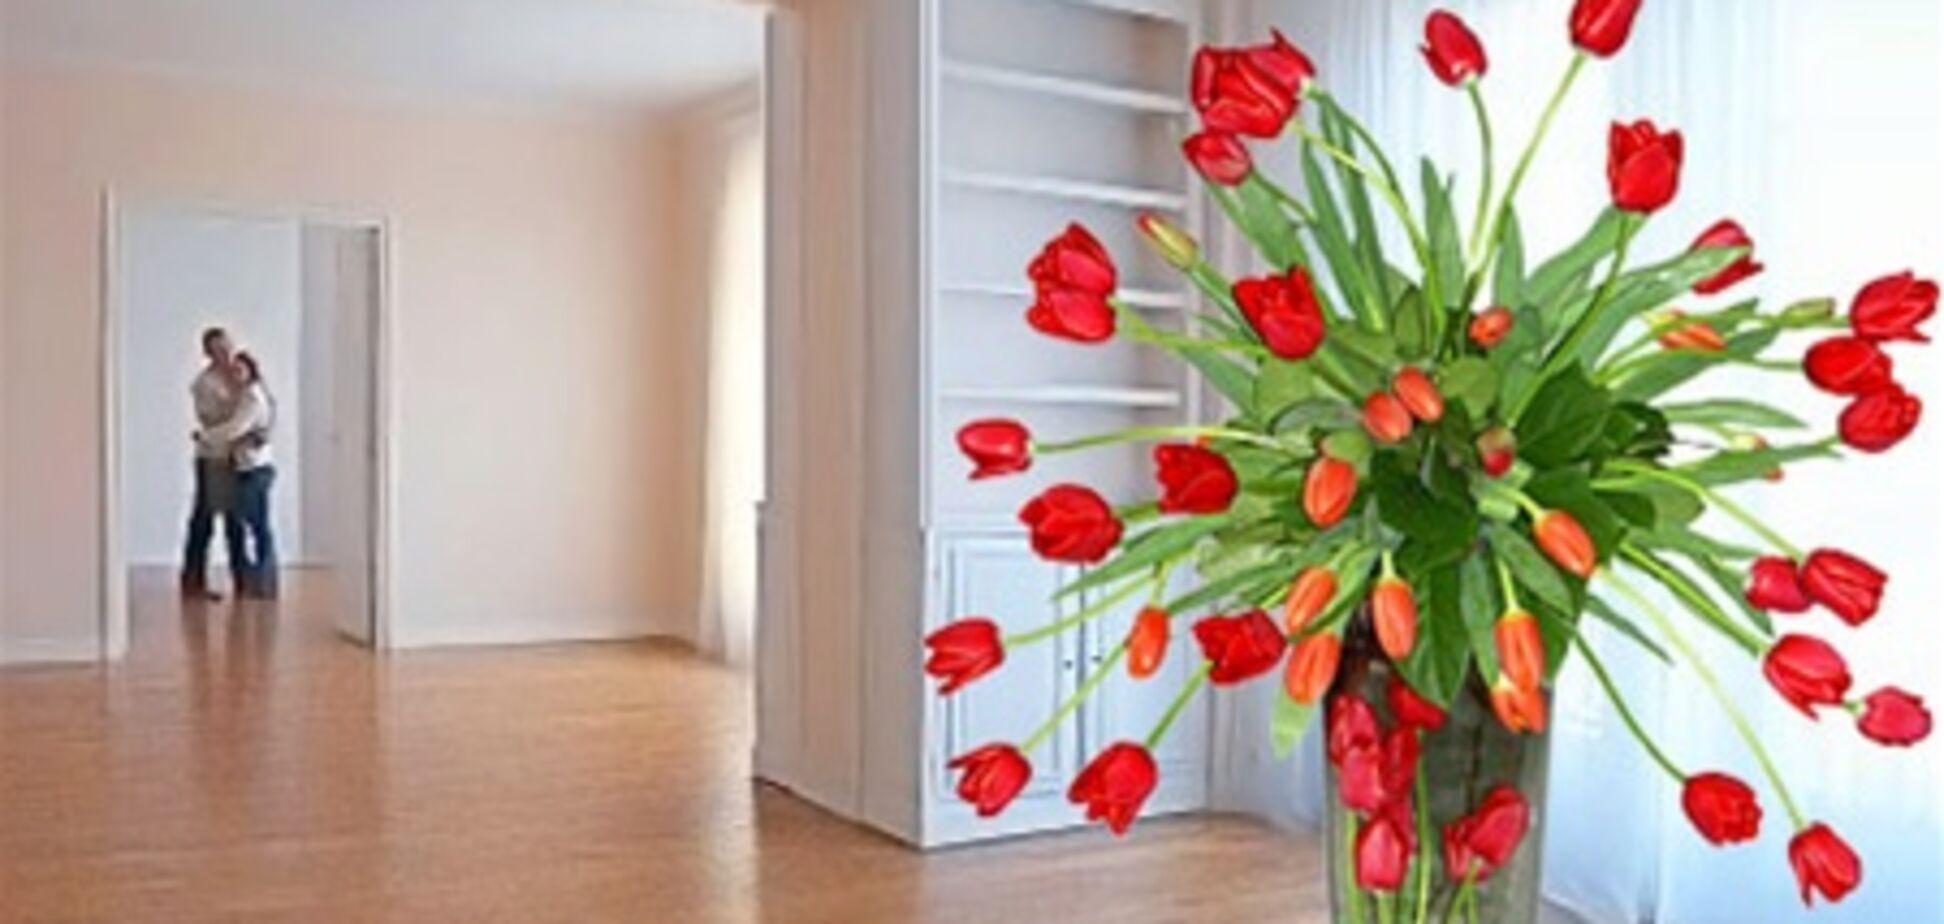 Стоимость квартир в Киеве с начала года почти не изменилась - эксперт